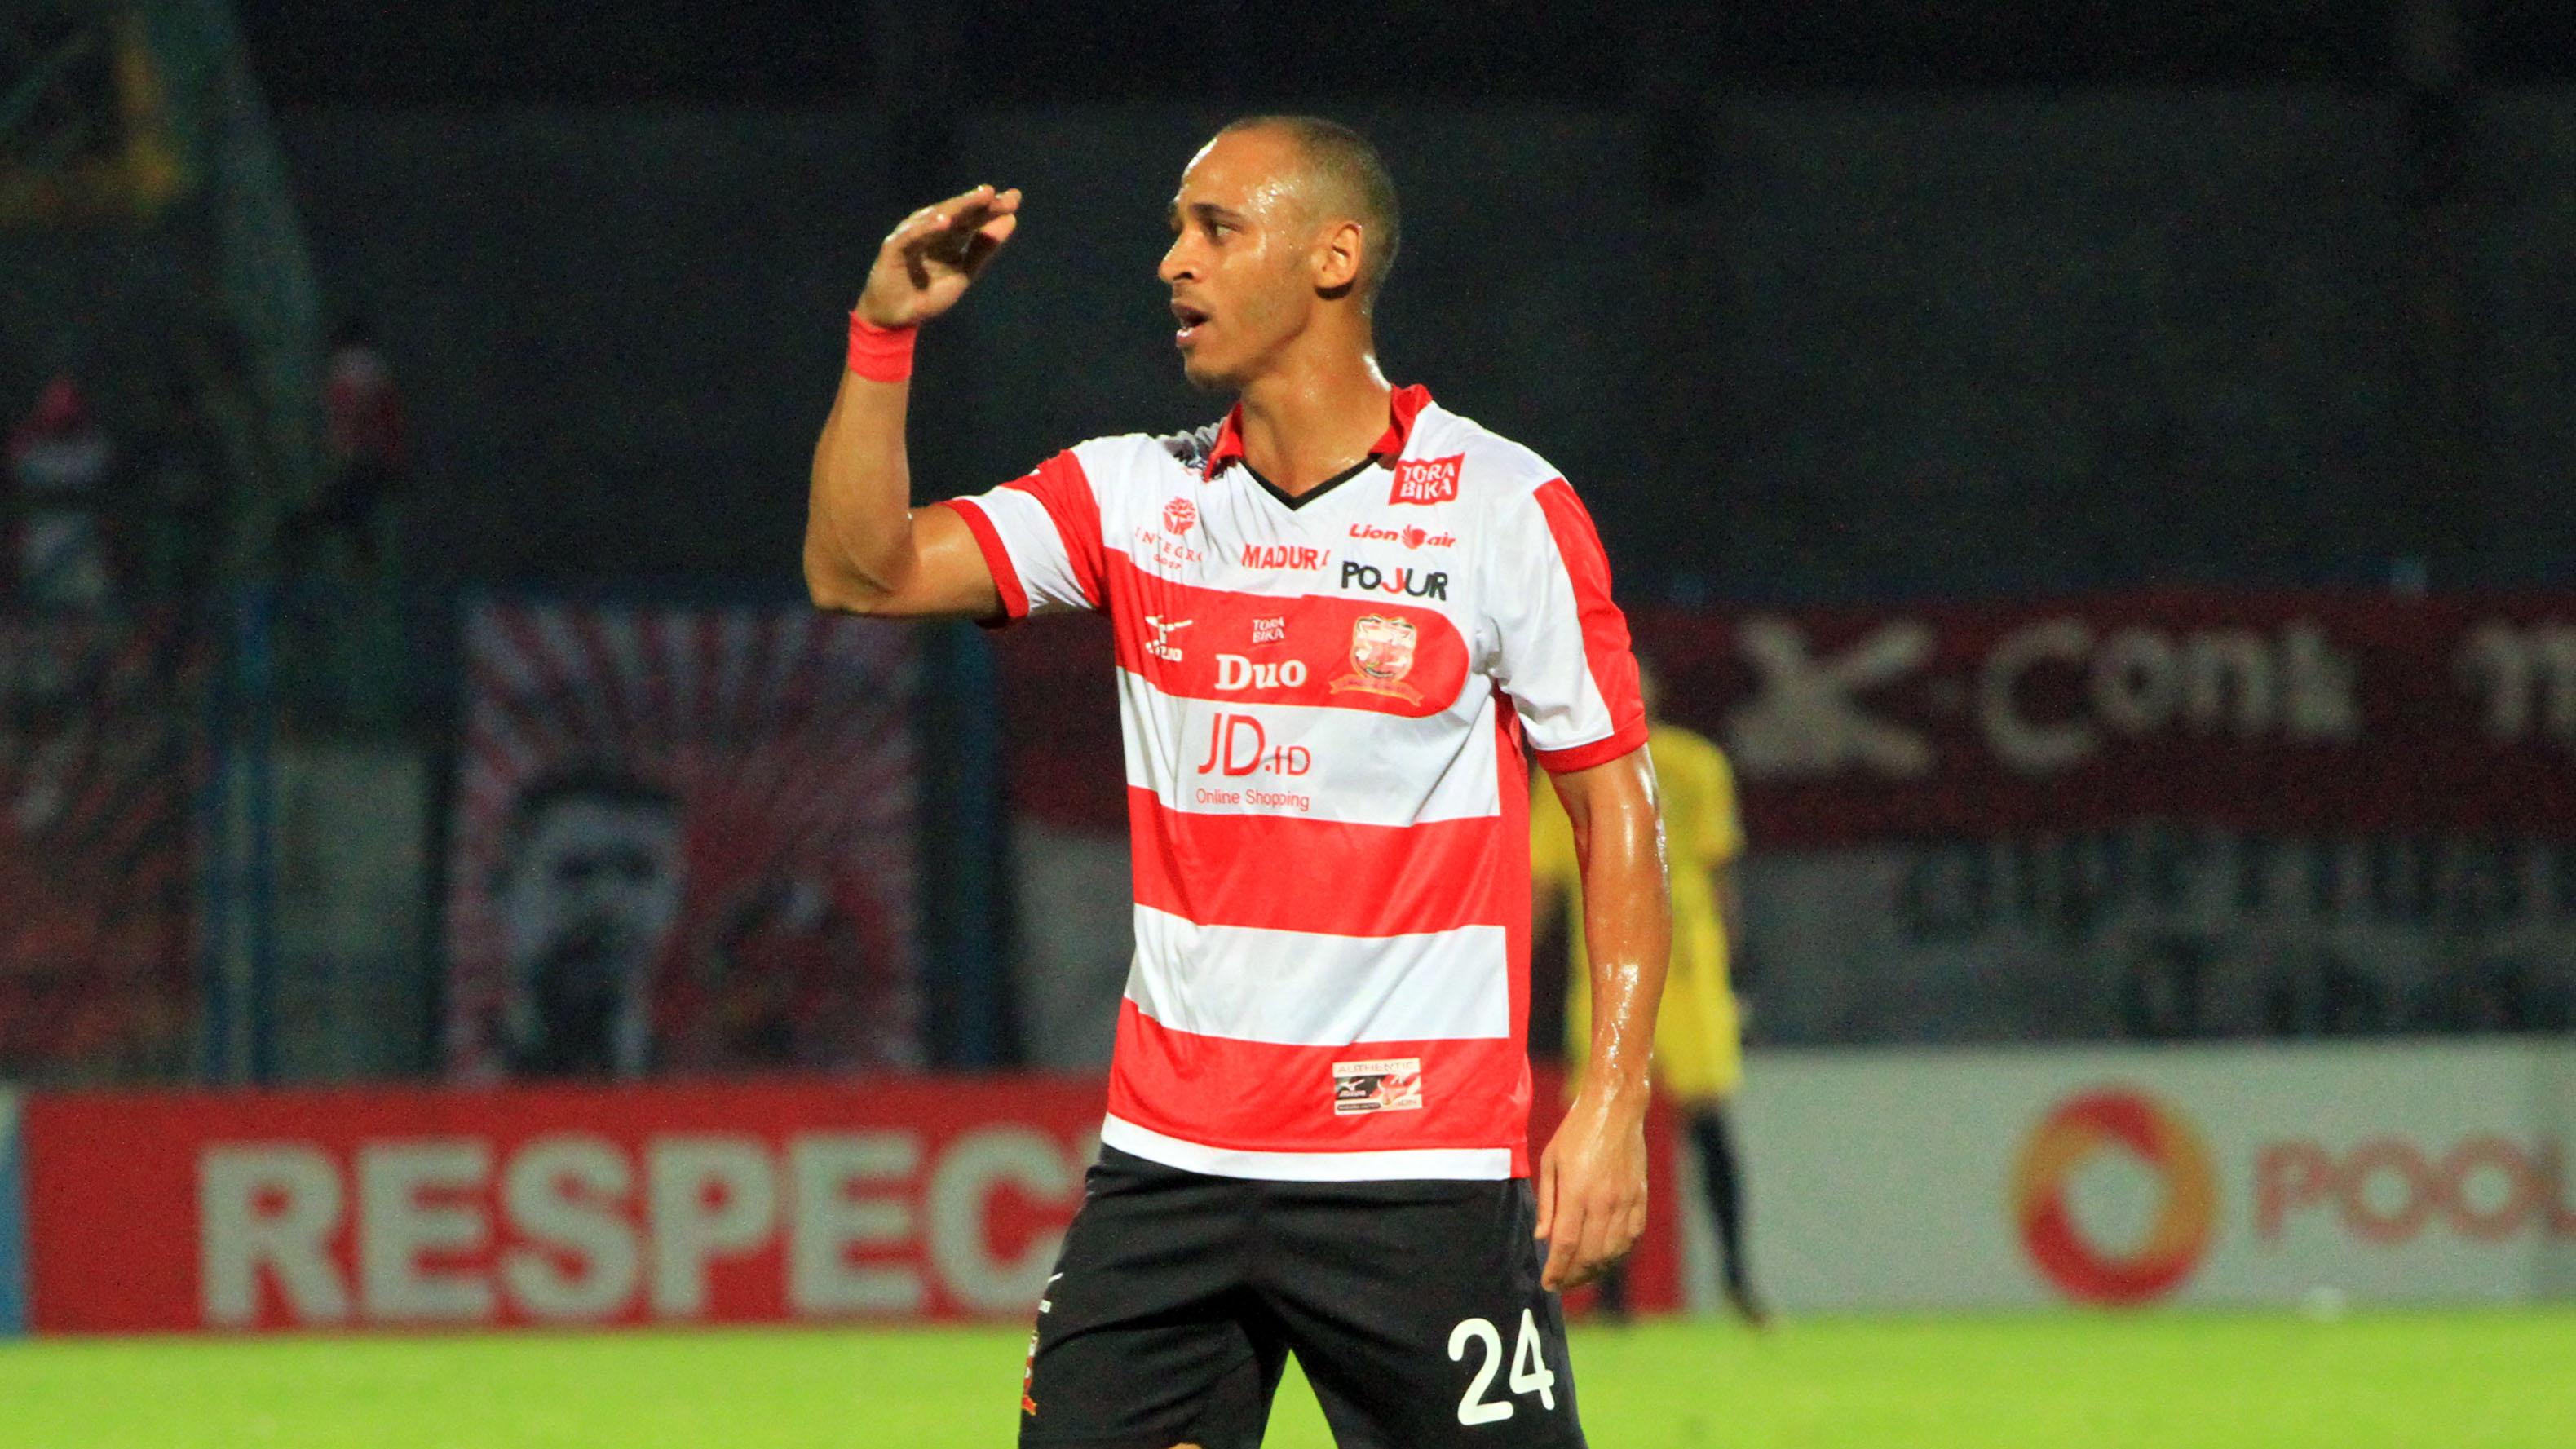 Bagaimanakah Sejarah dan Kiprah Madura United di Indonesia 7